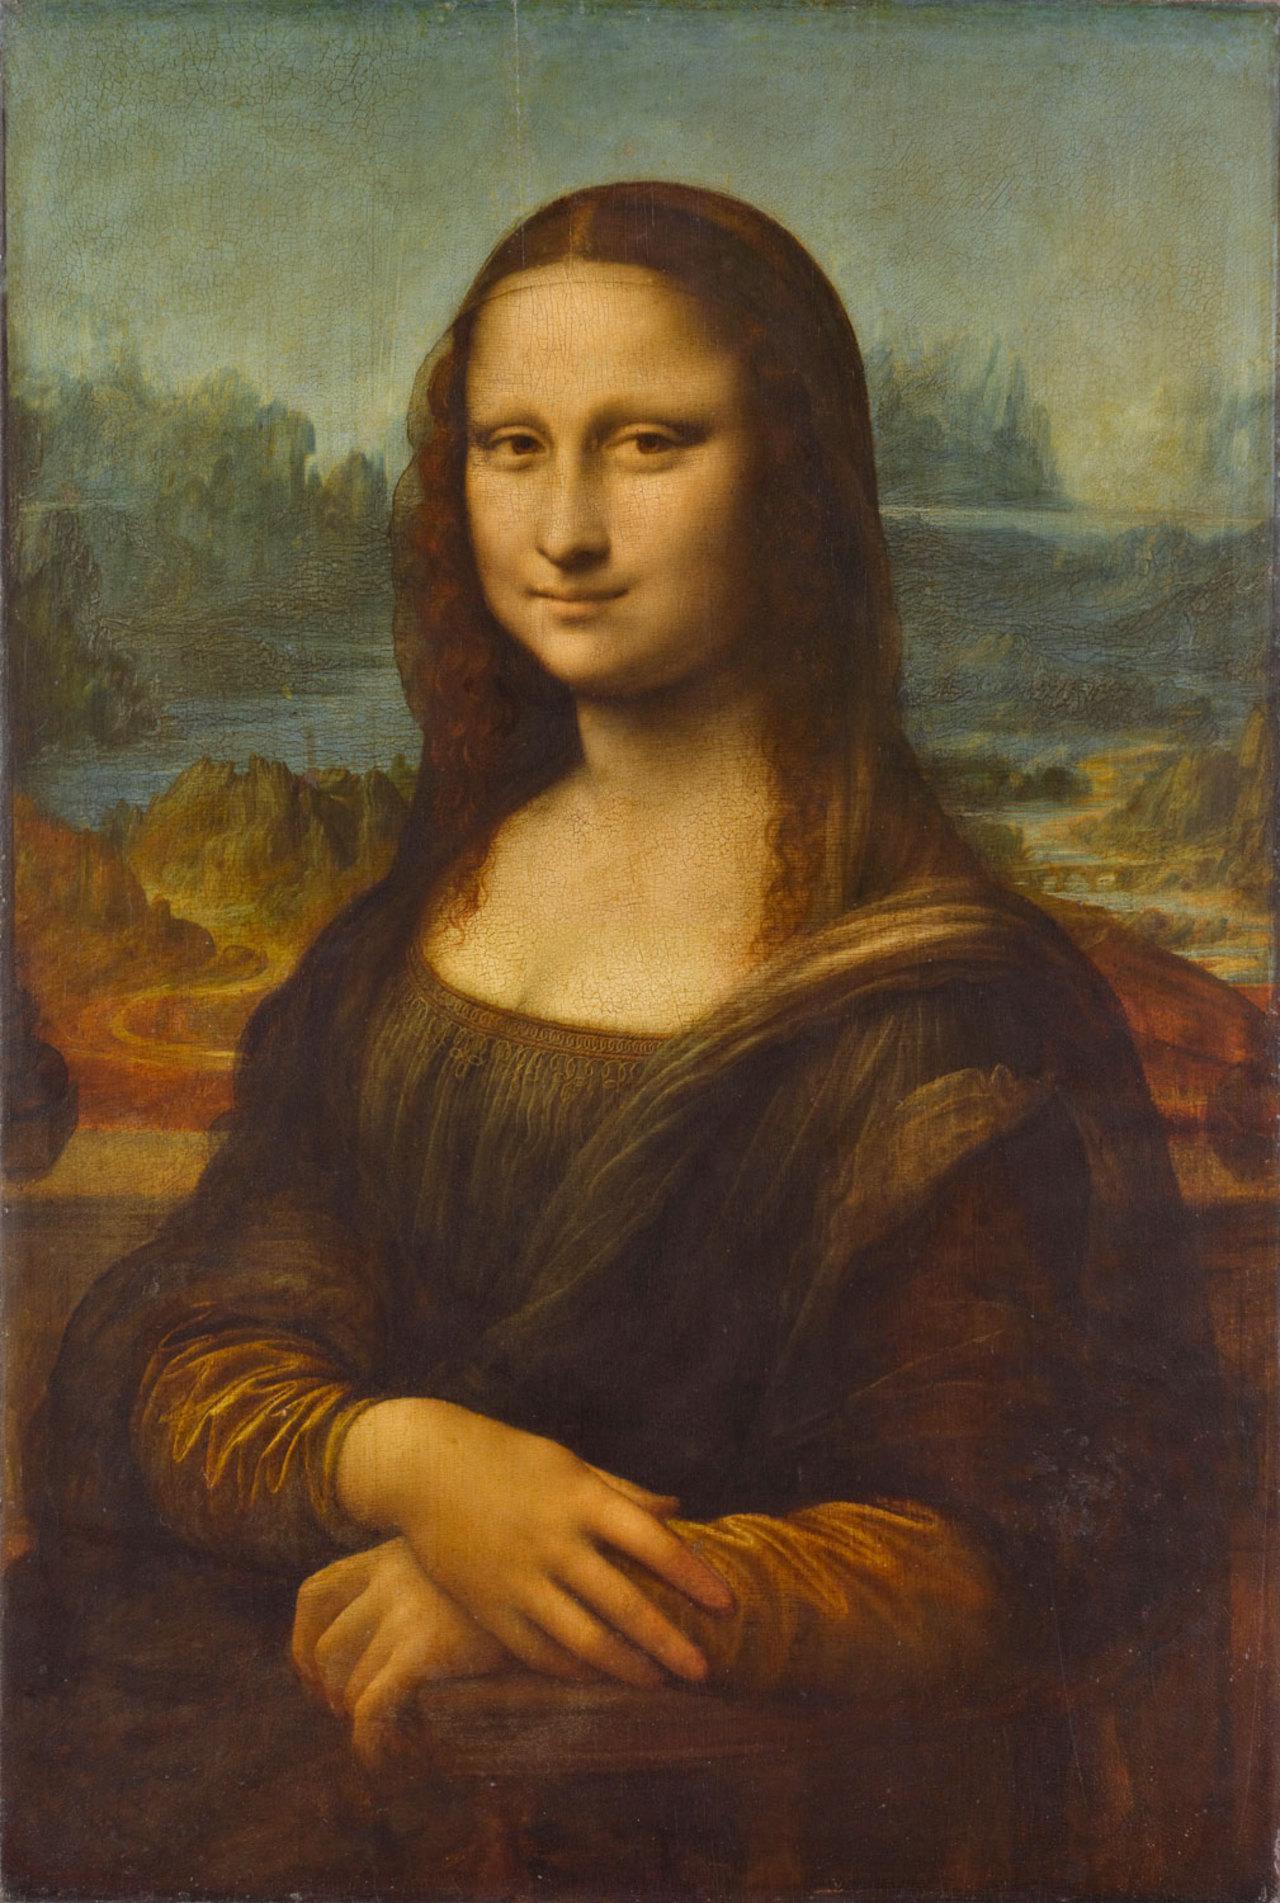 Portrait de Monna Lisa, dit La Joconde